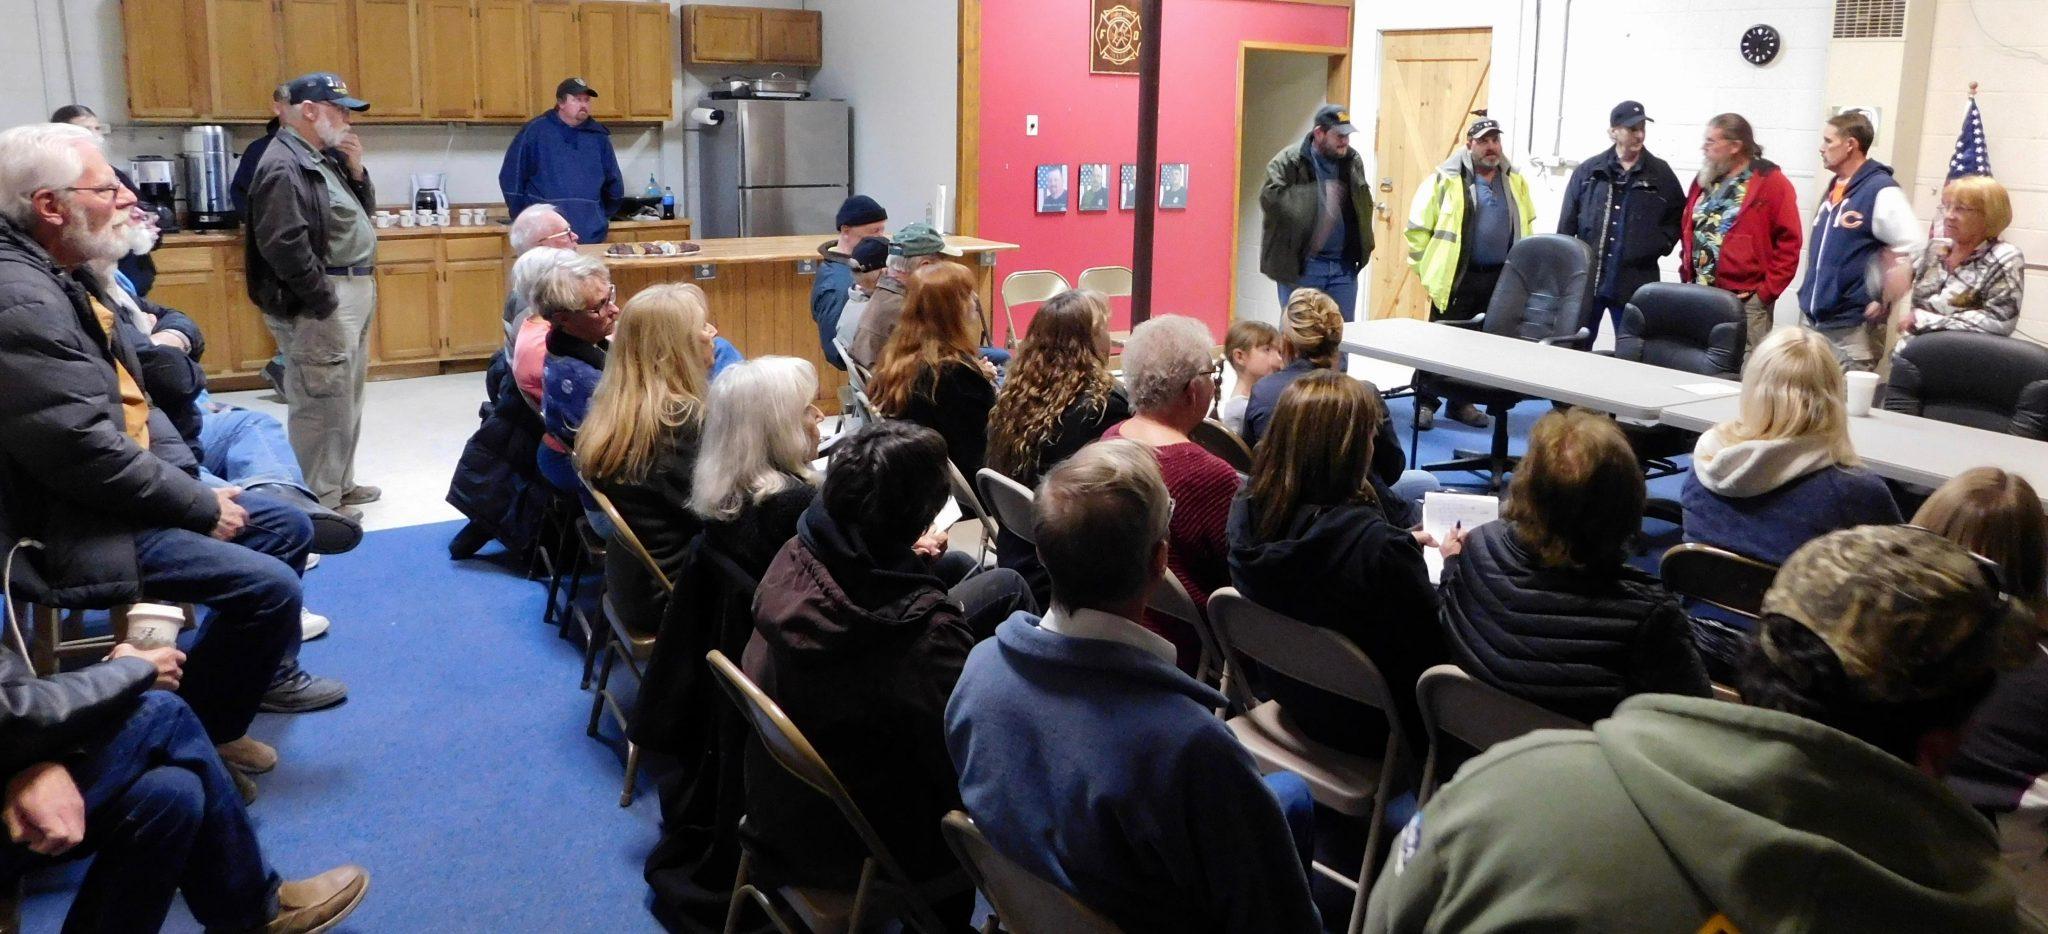 Walker Lake Residents Meet in Effort to Re-Form Advisory Board